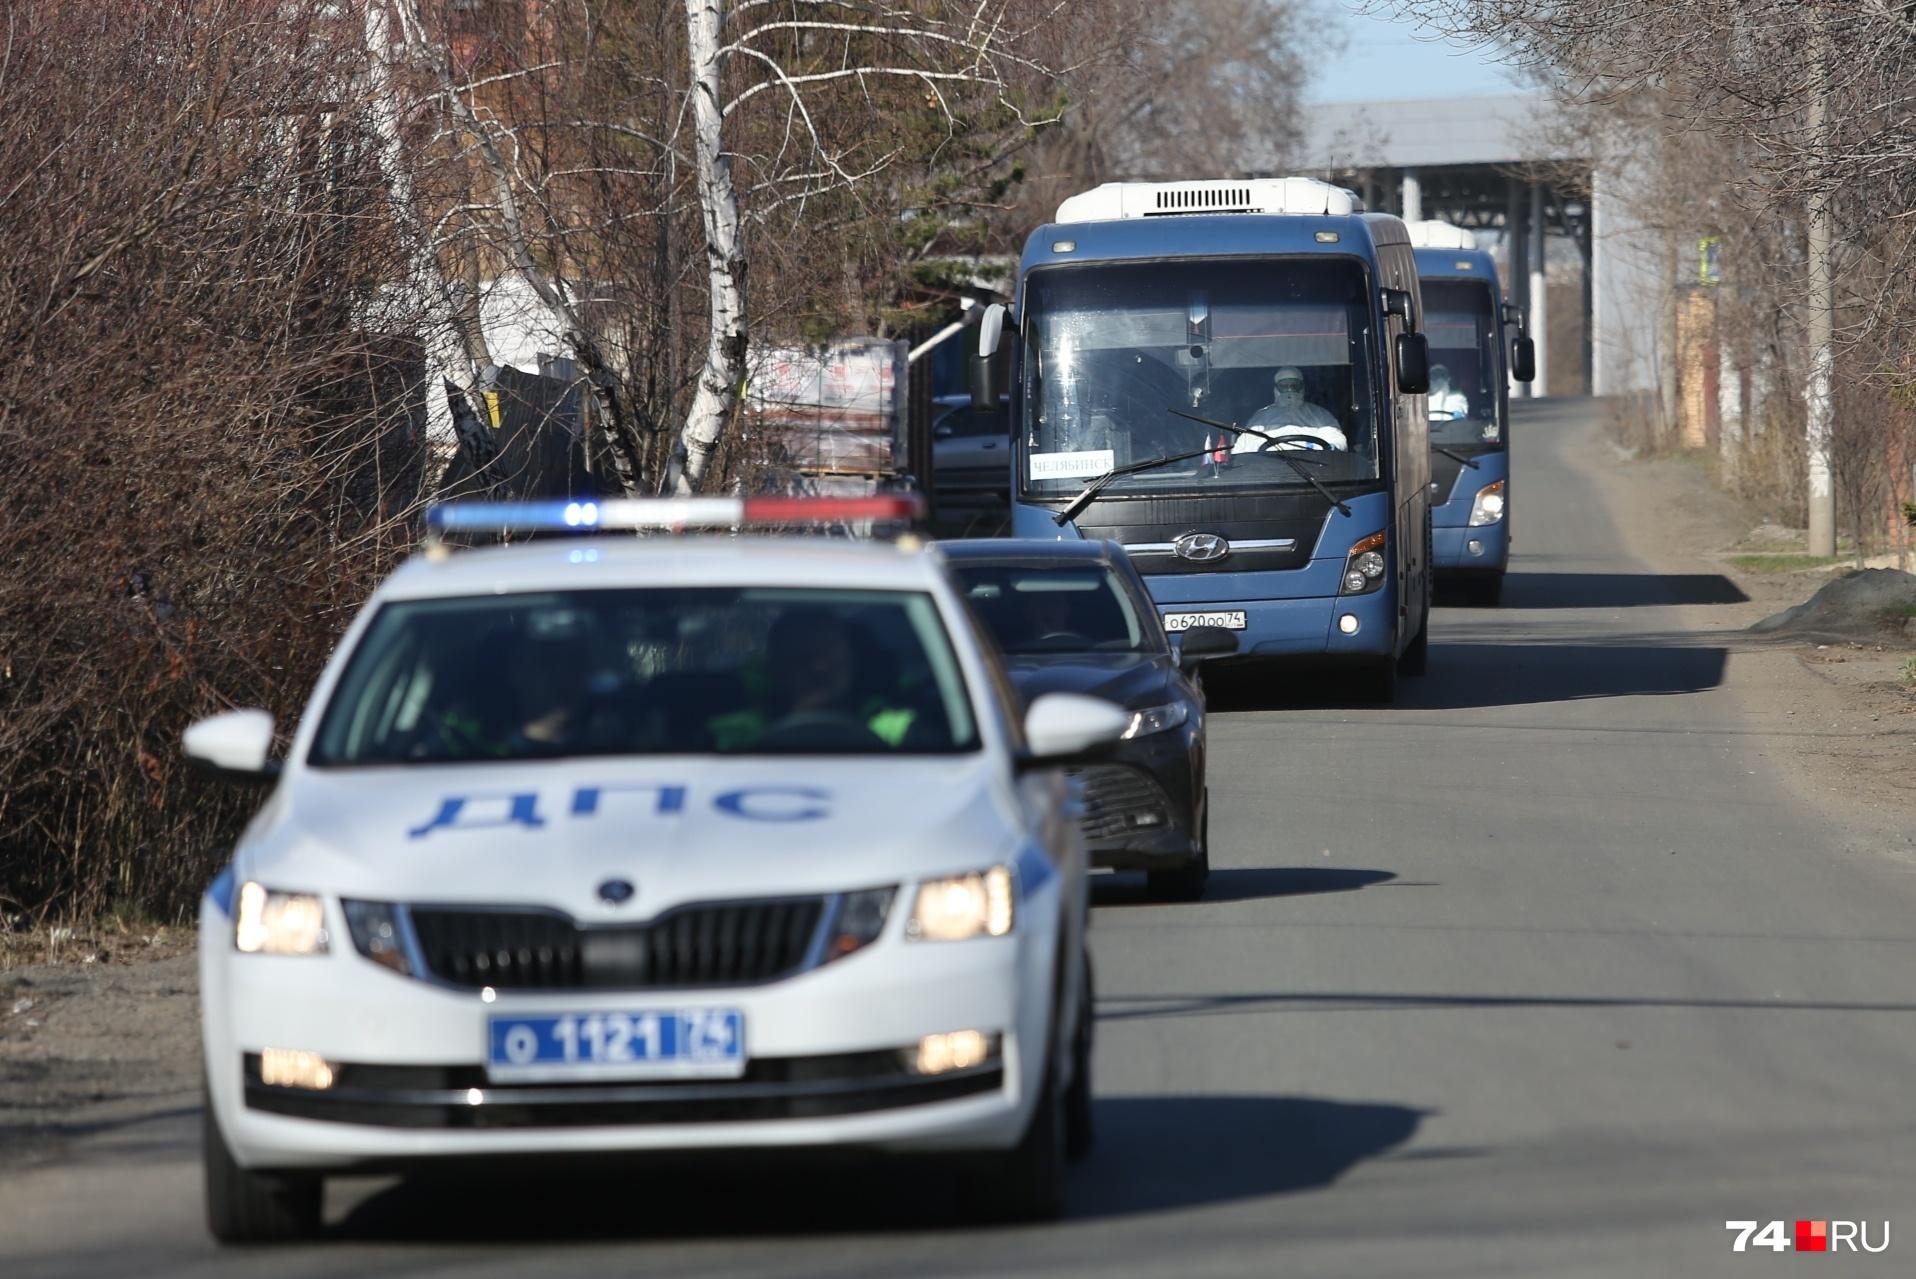 Туристов — 49 человек — в центр реабилитации«Смолино» привезли на двух заказных автобусах из Екатеринбурга